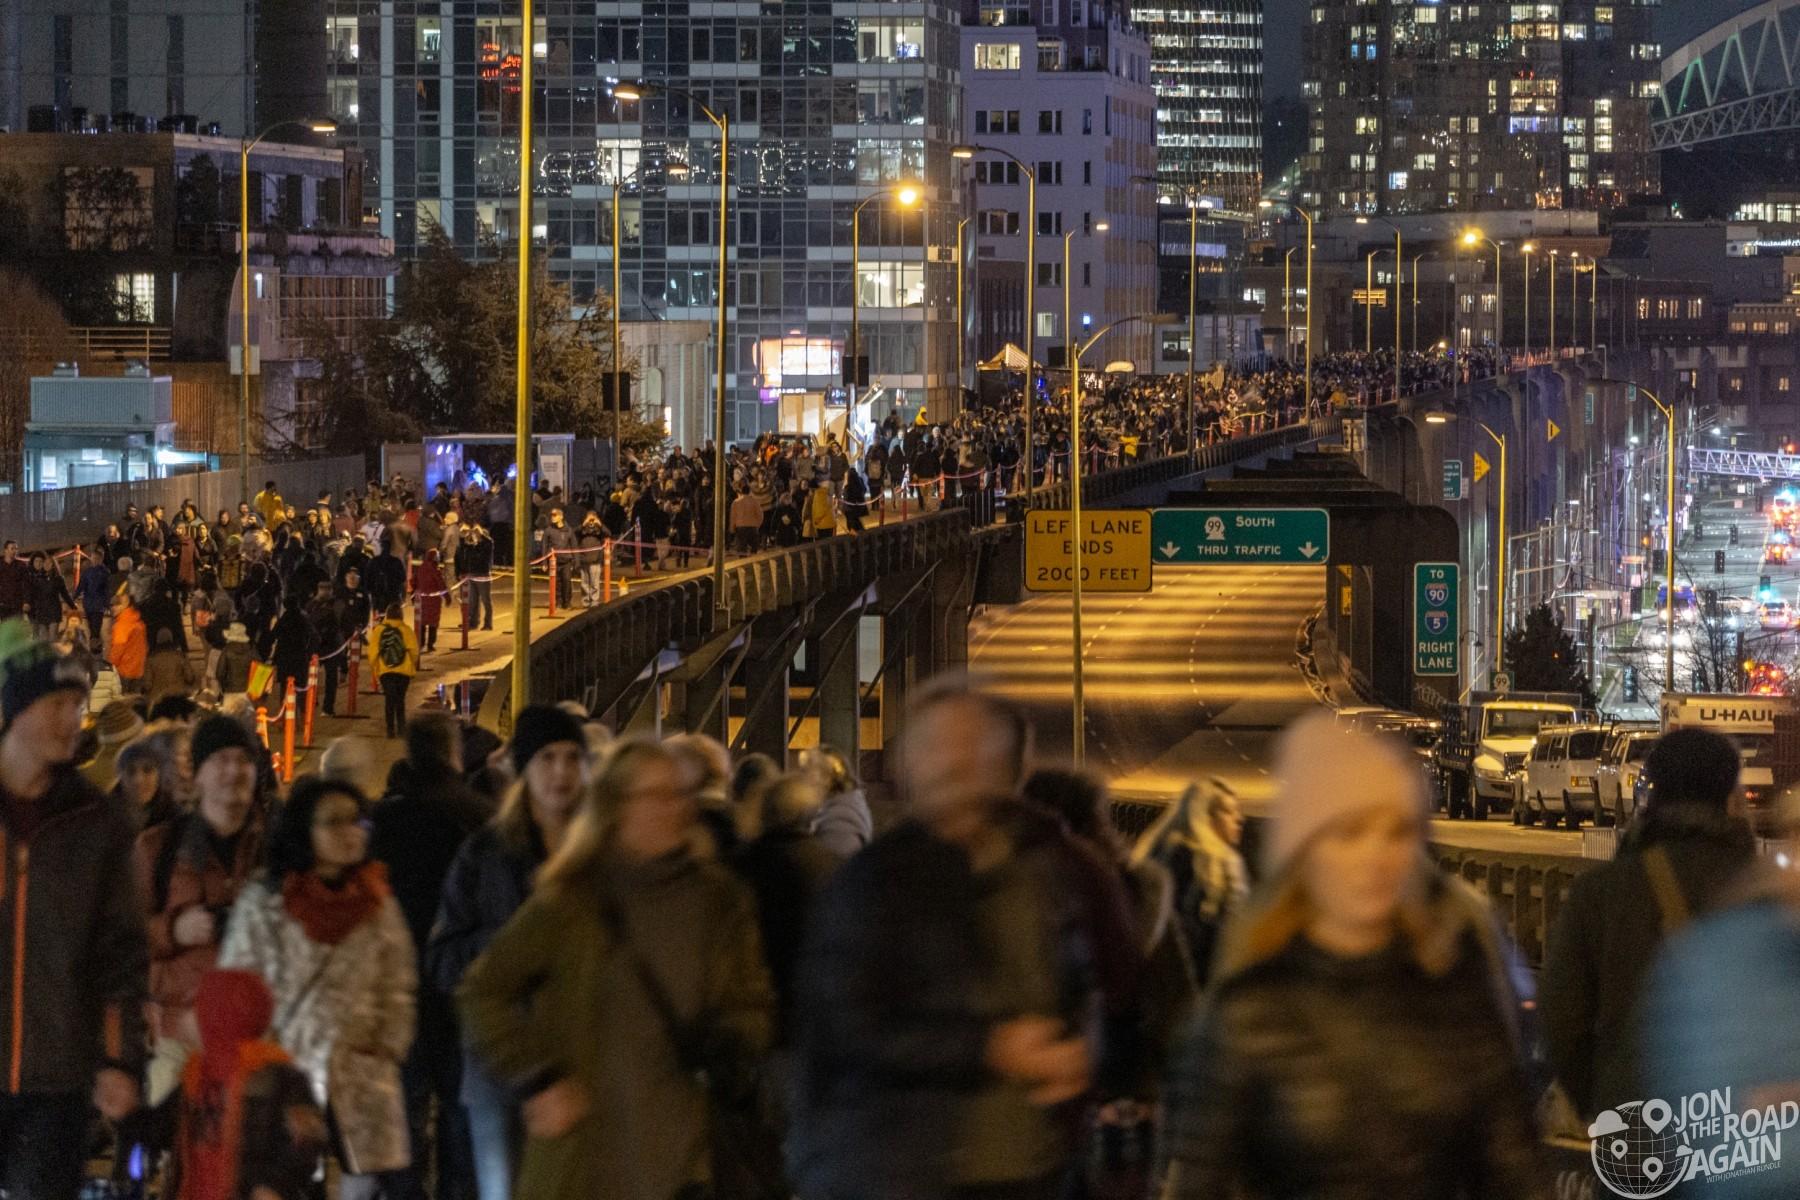 Seattle Viaduct Walk